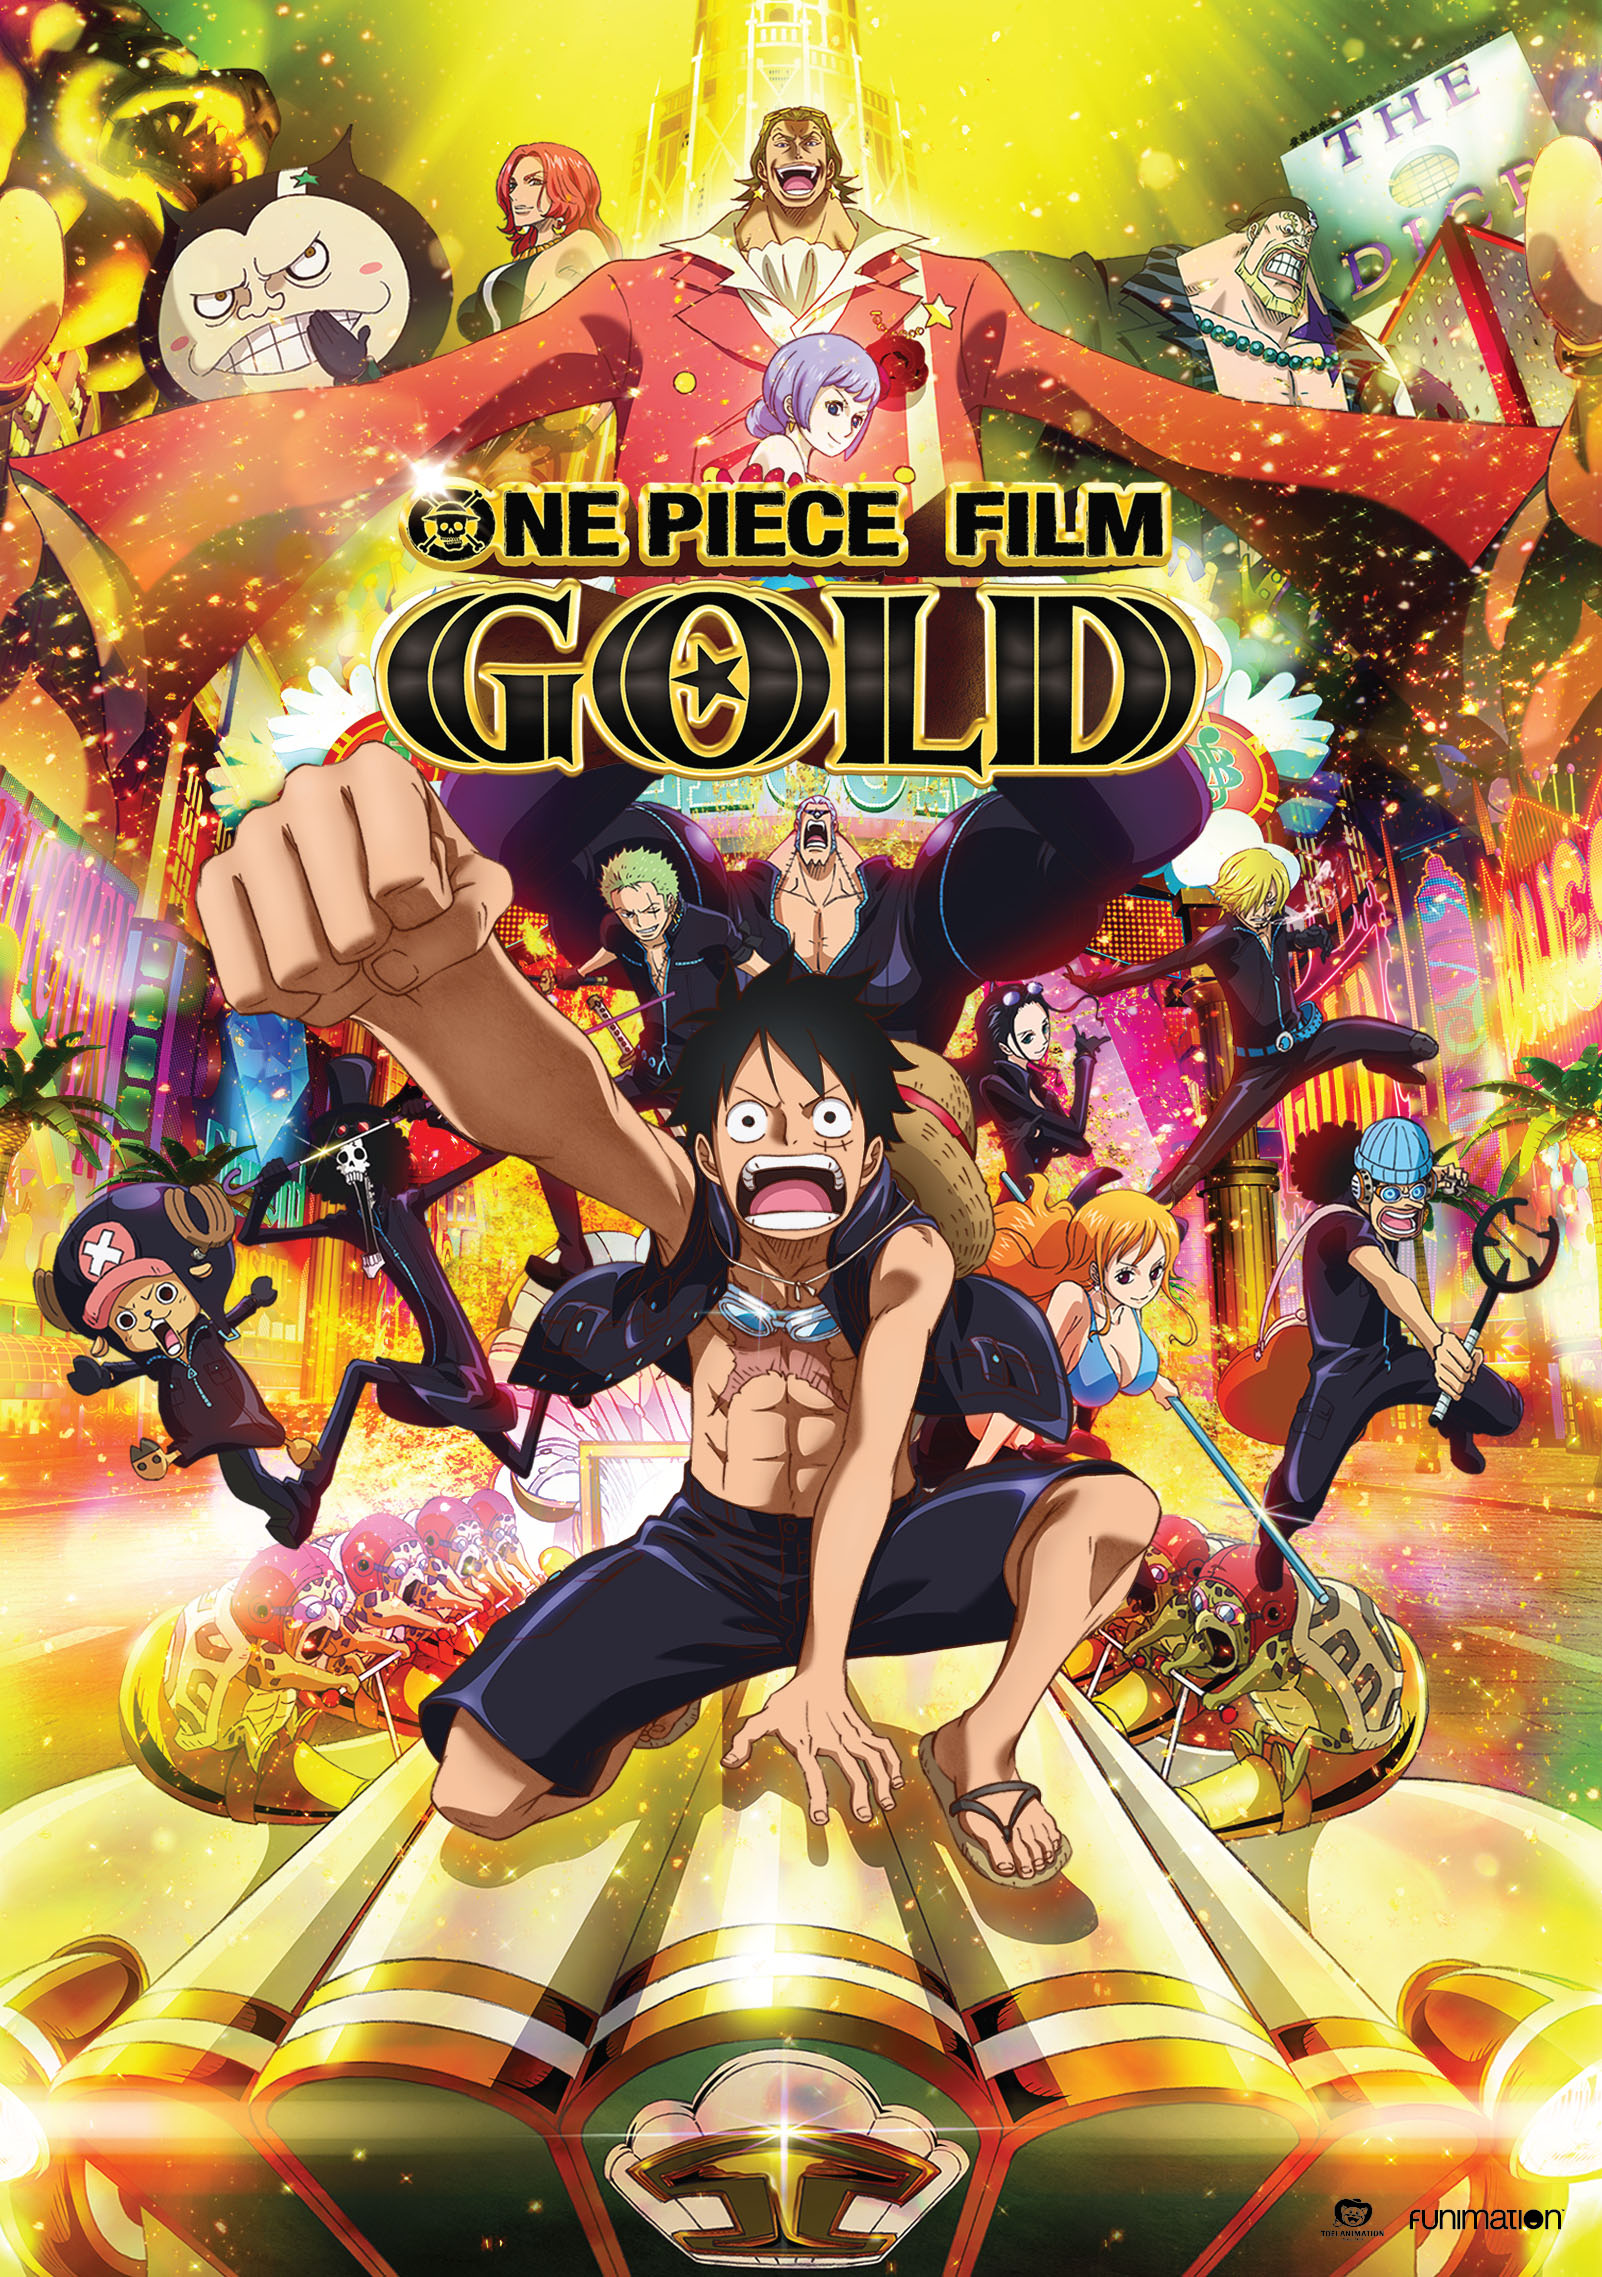 One Piece Filme Liste